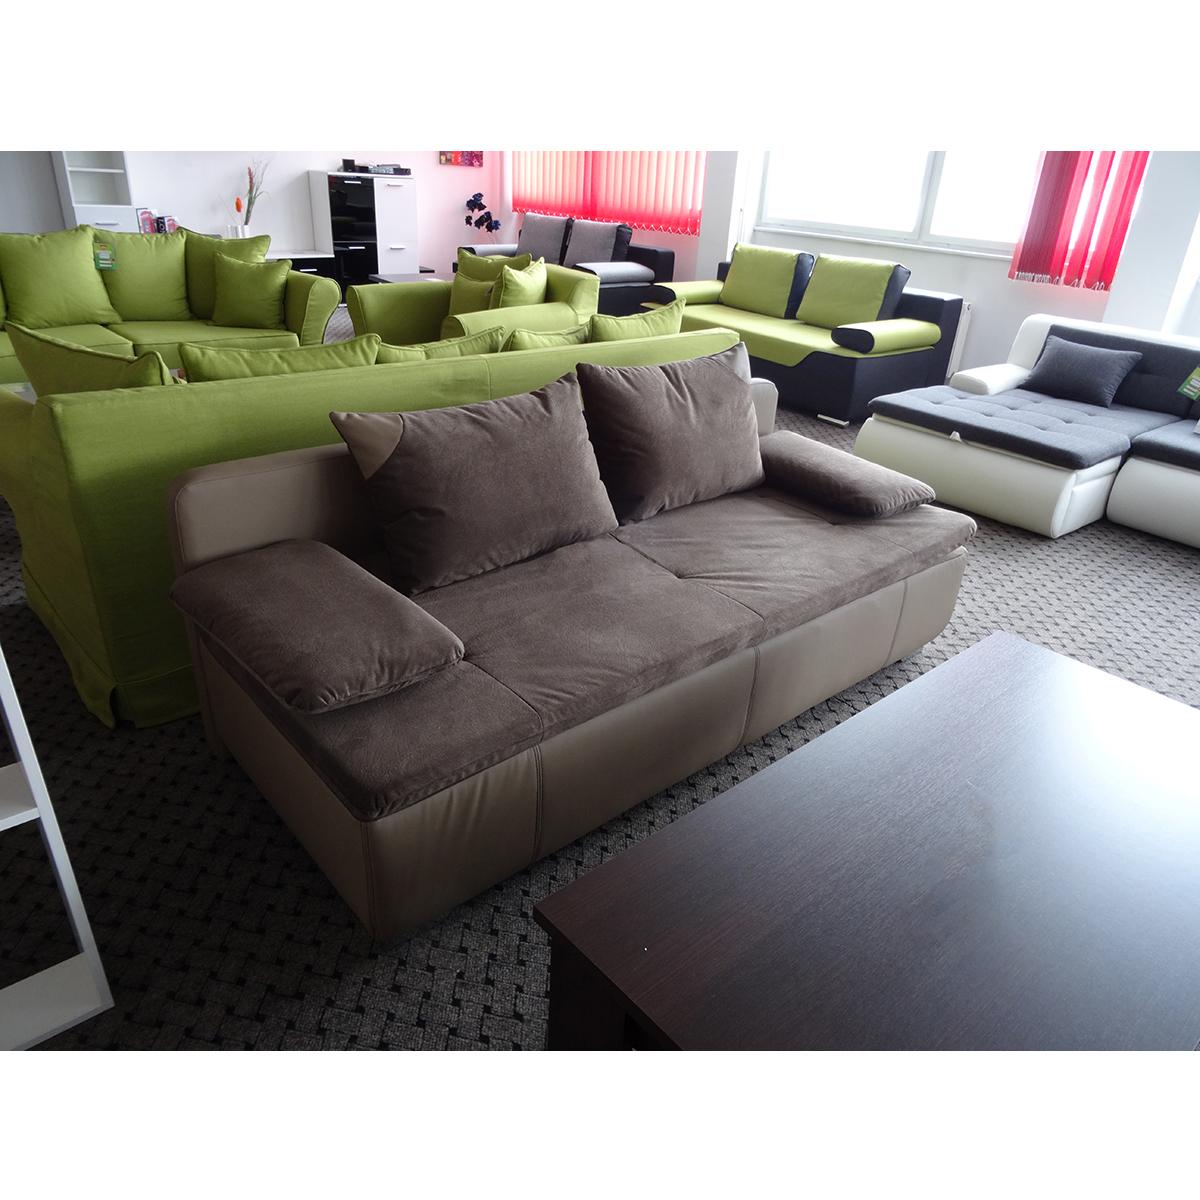 angers schlafsofa im trendign design moebel trend 24. Black Bedroom Furniture Sets. Home Design Ideas